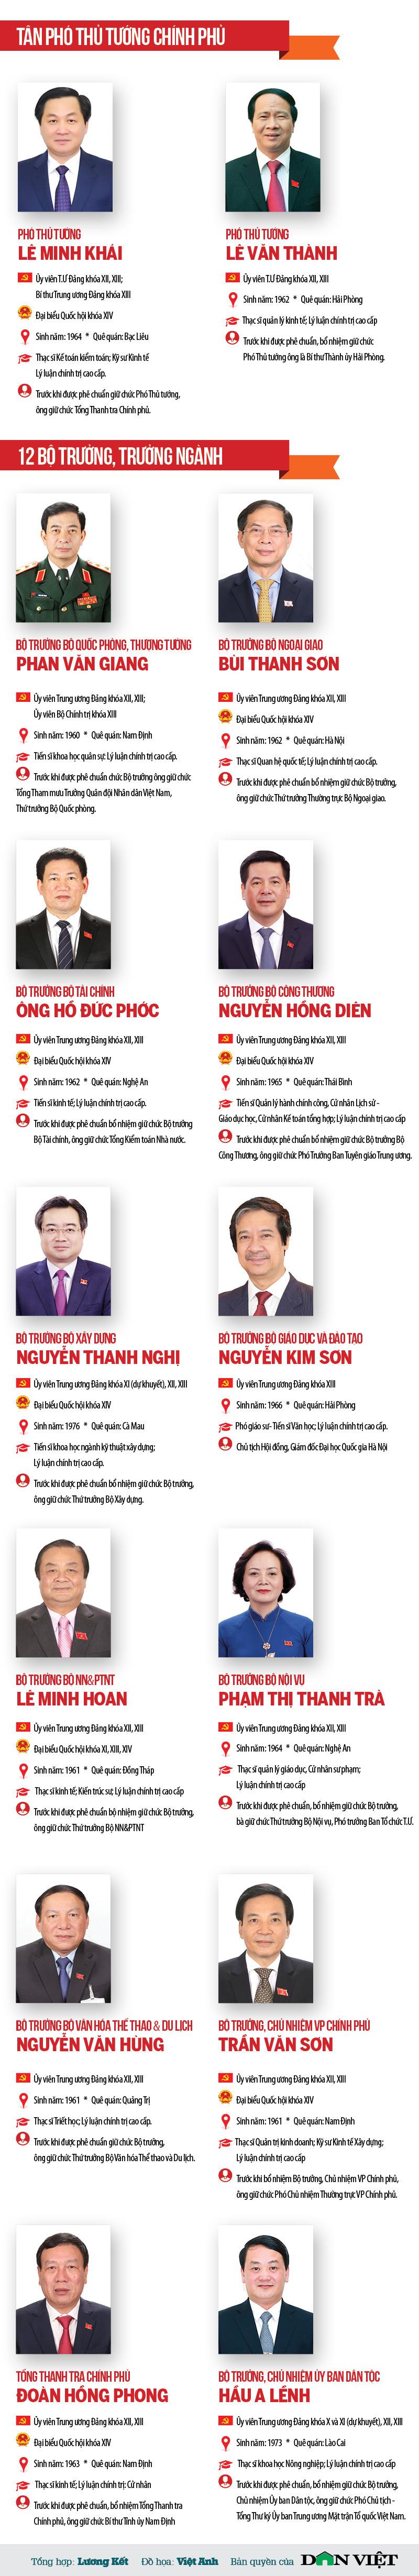 Chân dung 2 Phó Thủ tướng và 12 Bộ trưởng, Trưởng ngành vừa được Quốc hội phê chuẩn bổ nhiệm - Ảnh 1.